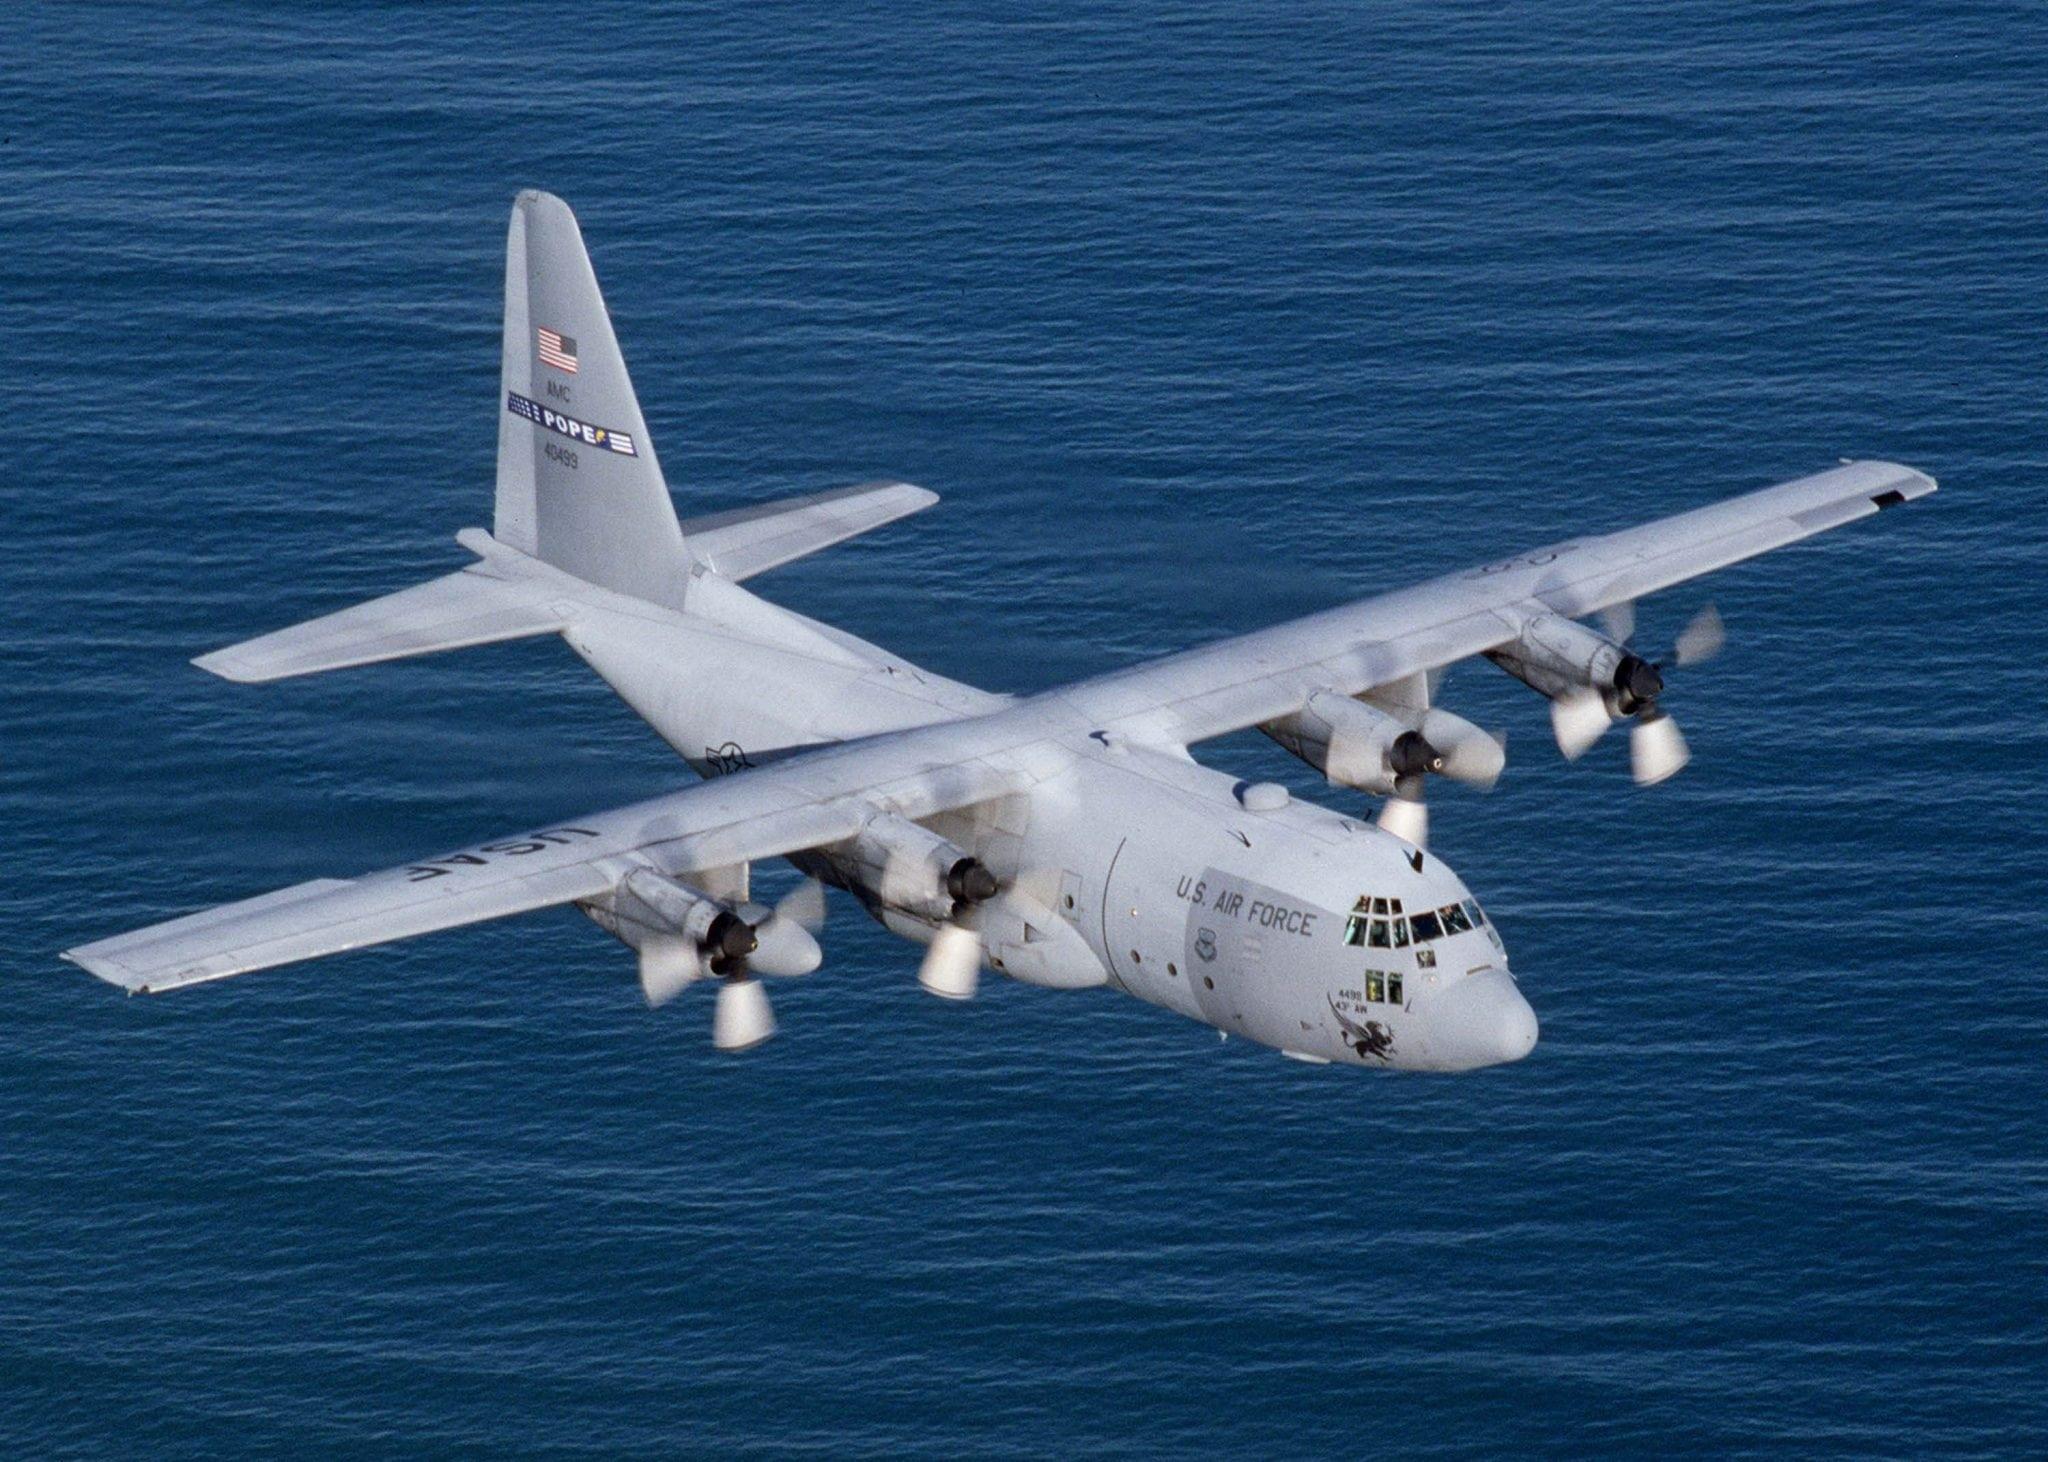 U.S. Air Force C-130H Hercules aircraft